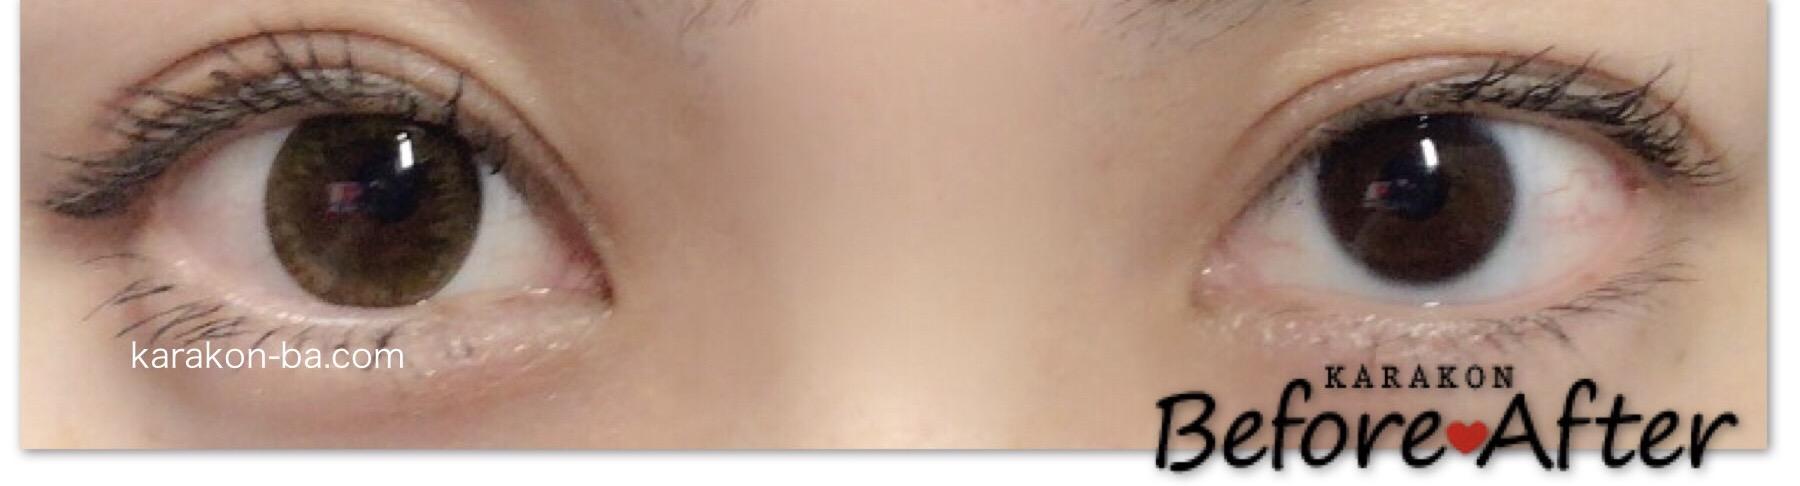 Minette(ミネット)レイヤーアーモンドのカラコン装着画像/両目で比較レポ